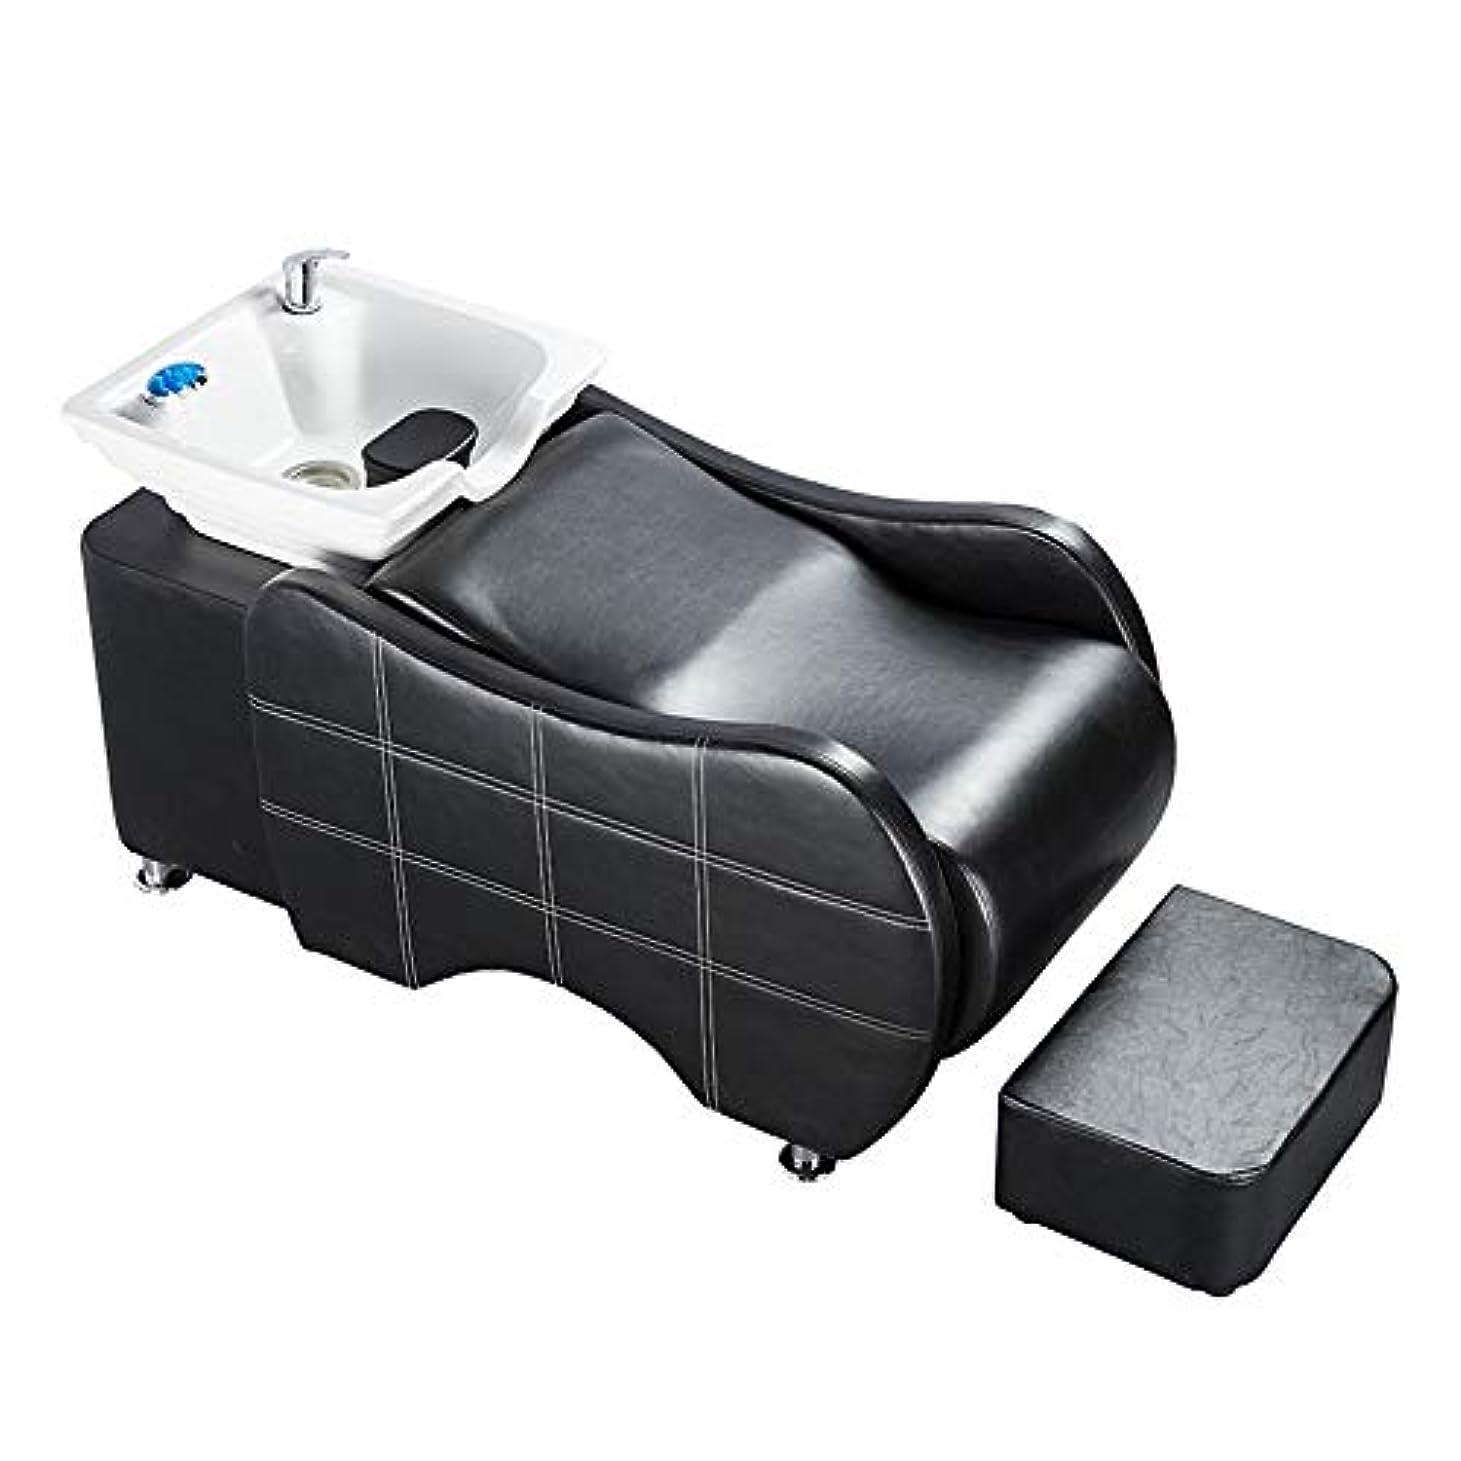 任命飾り羽リブシャンプーの理髪師の逆洗の椅子、鉱泉の美容院のための陶磁器の洗面器の逆洗の単位のシャンプーボールの流しの椅子(黒)